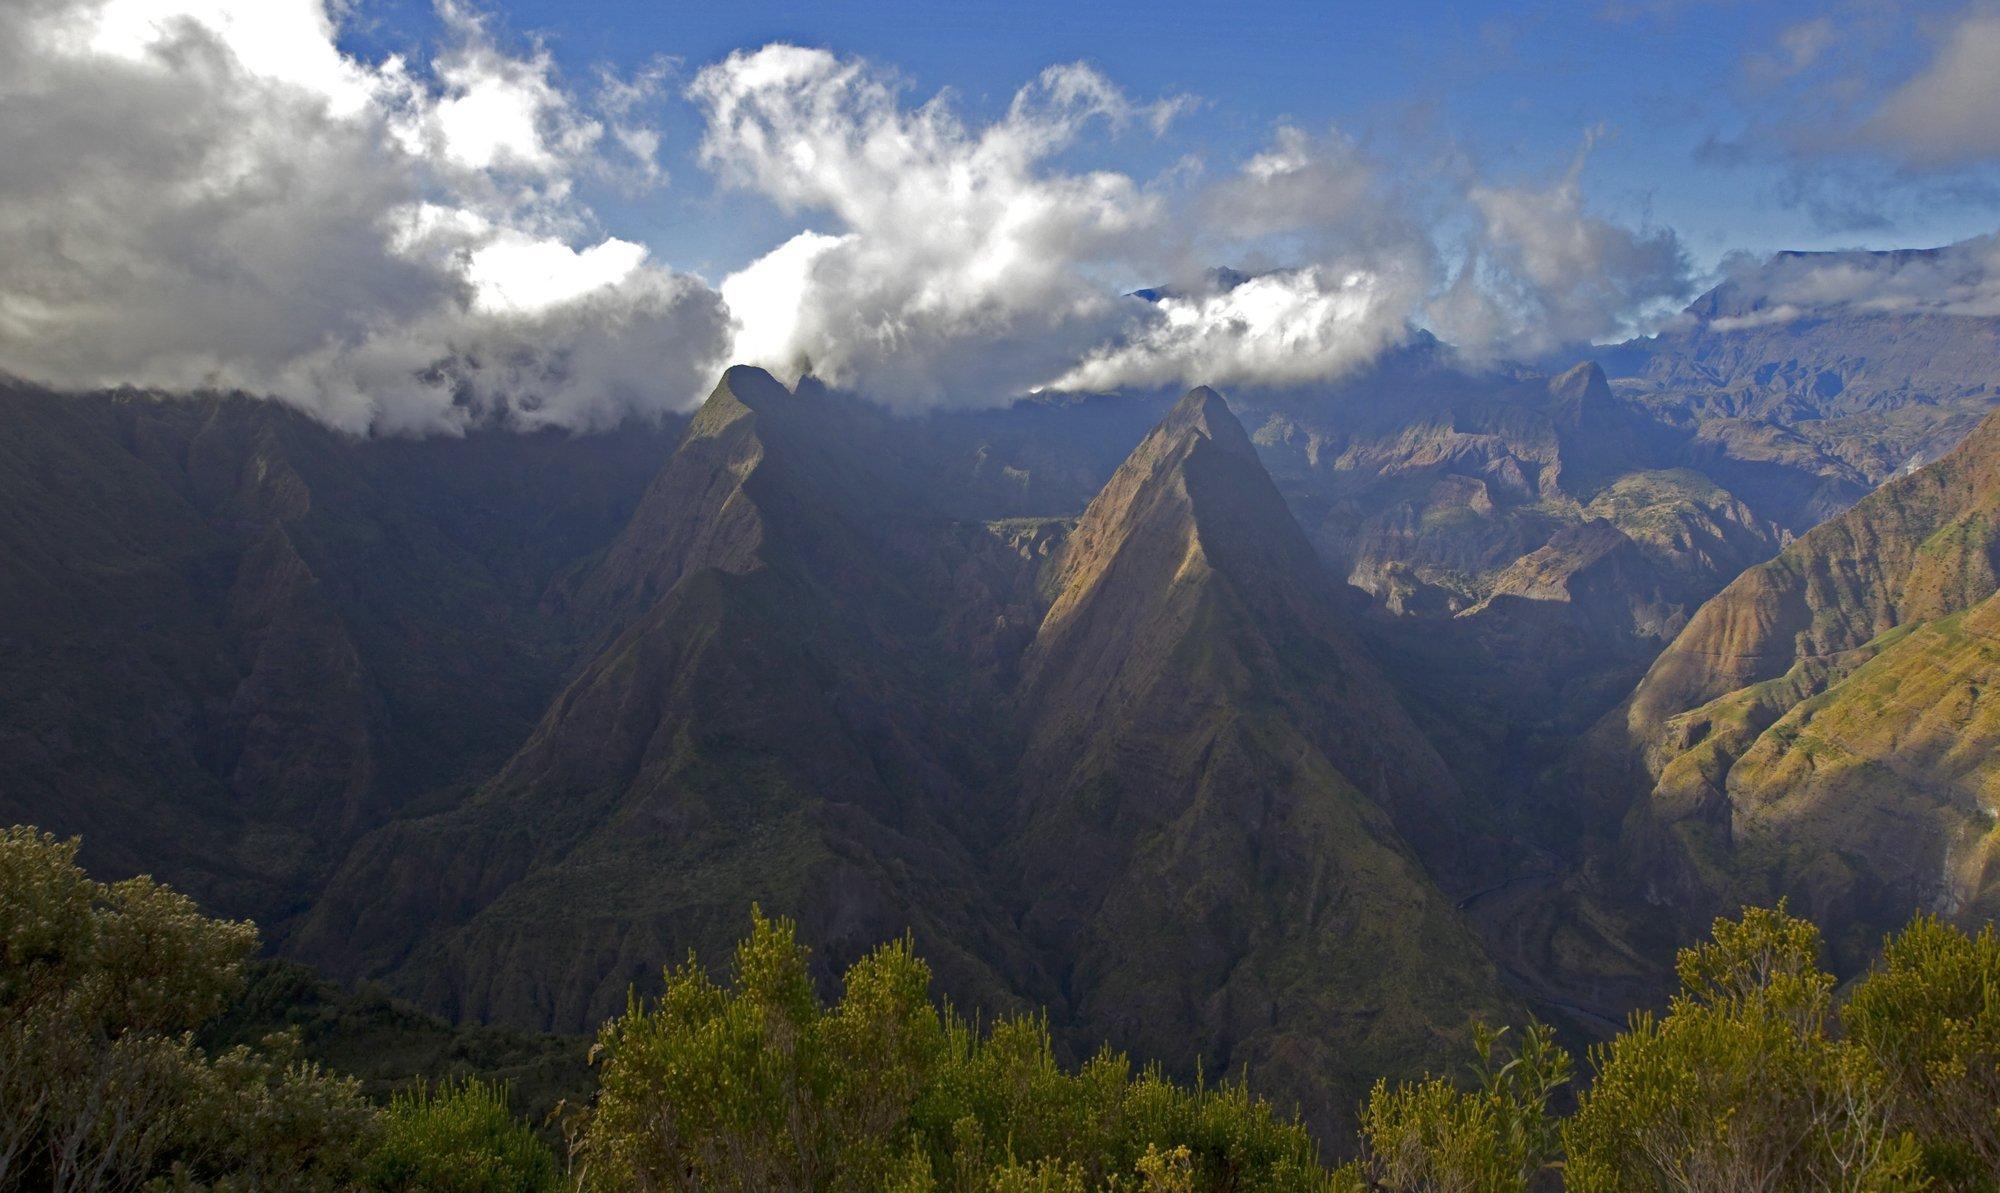 Eine Landschaftsaufnahme des Maffatt-Gebirges auf La Reunion